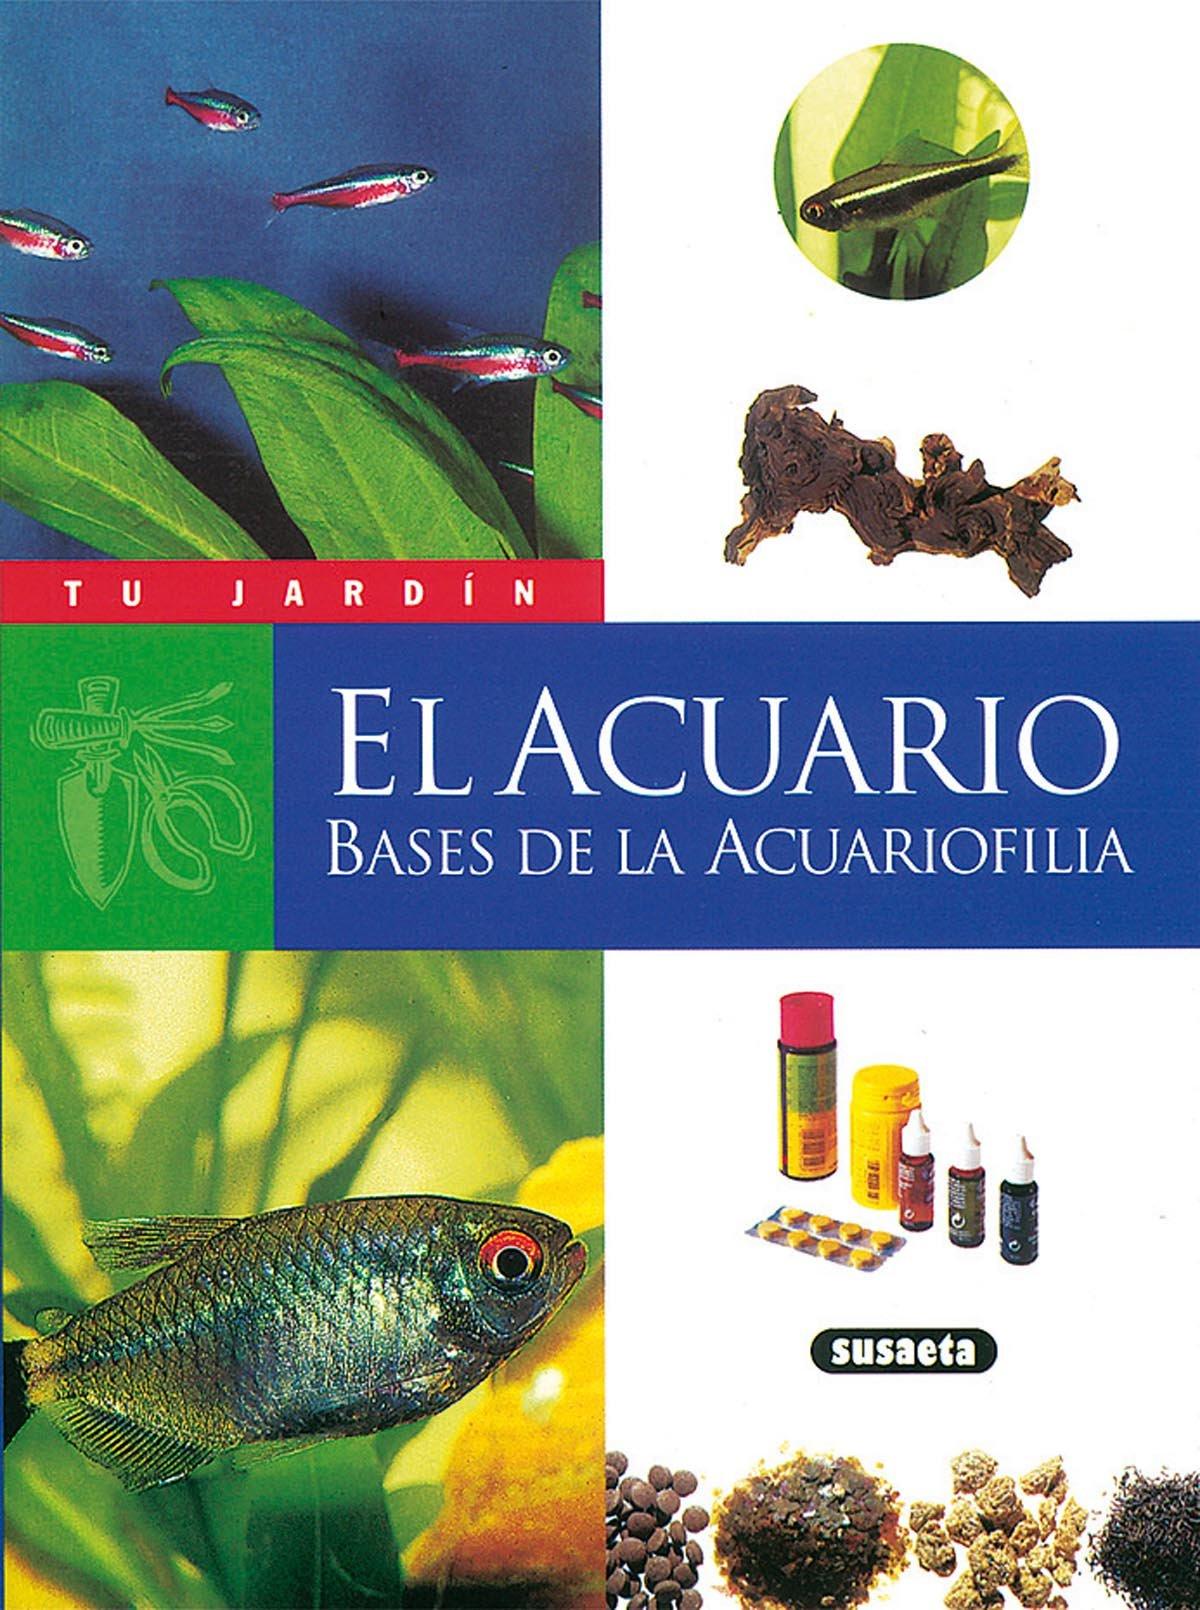 El acuario, bases de la acuariofilia (Spanish) Paperback